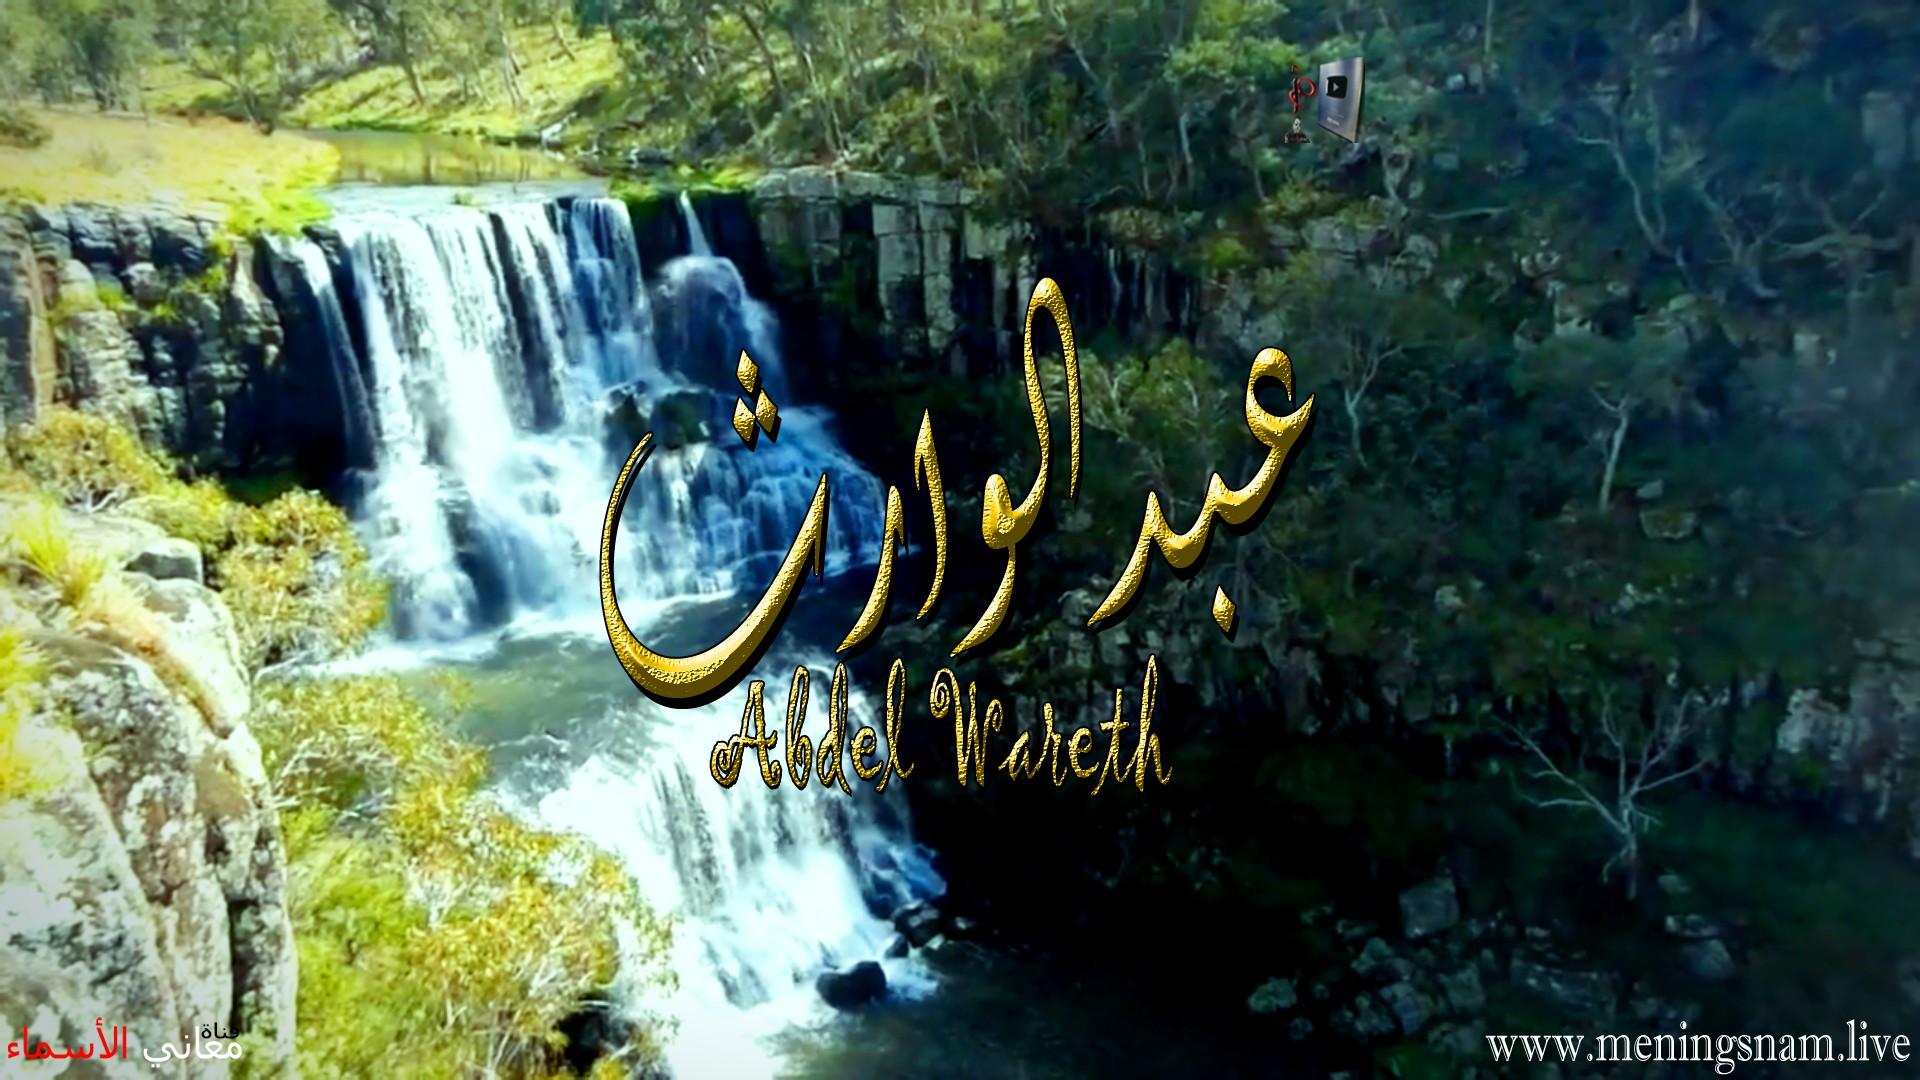 معنى اسم عبد الوارث وصفات حامل هذا الاسم Abdel Wareth